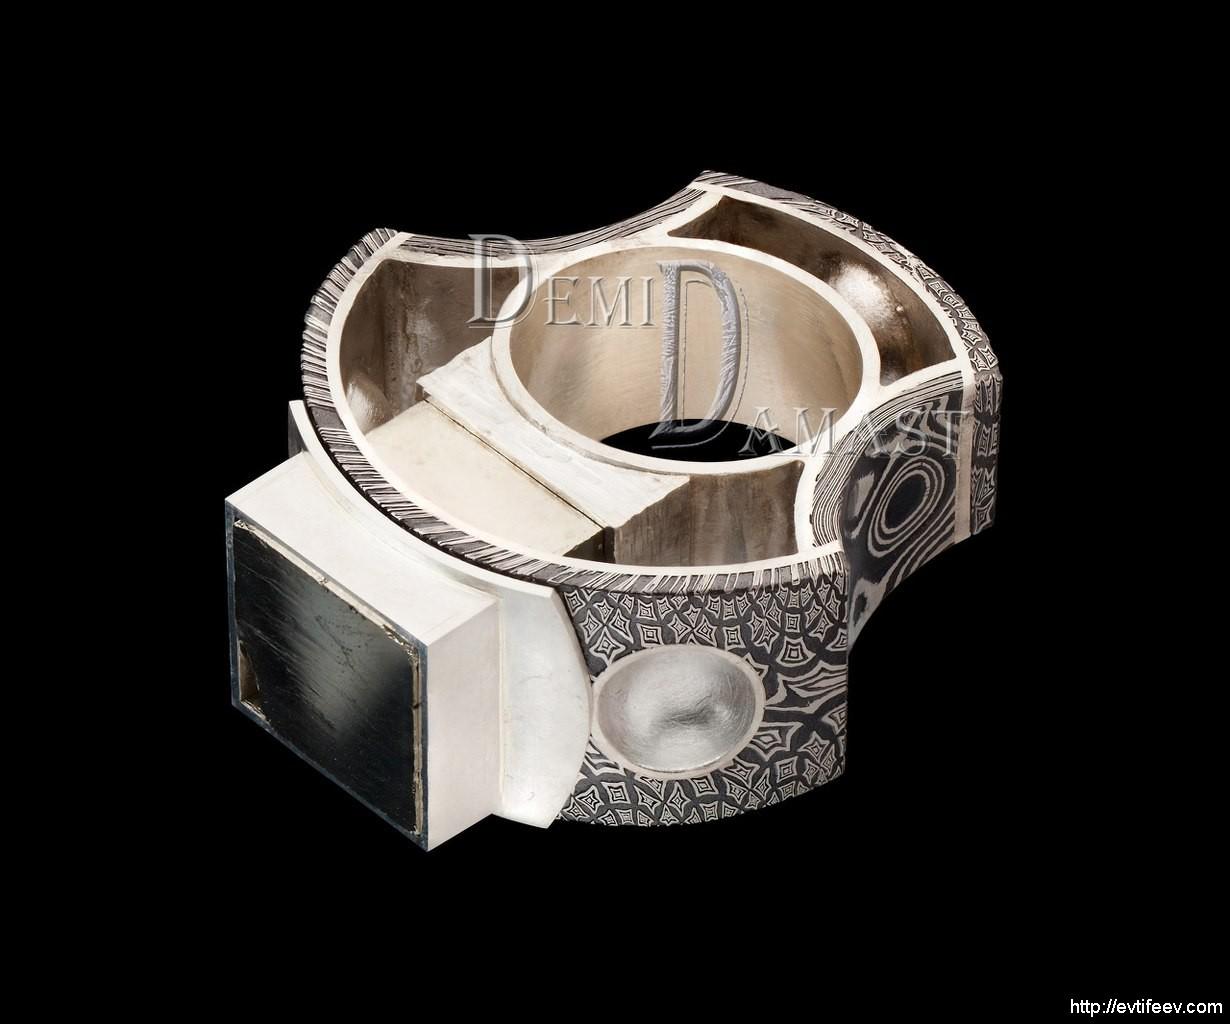 фотосъемка авторского холодного оружия, ювелирных изделий и предметов интерьера